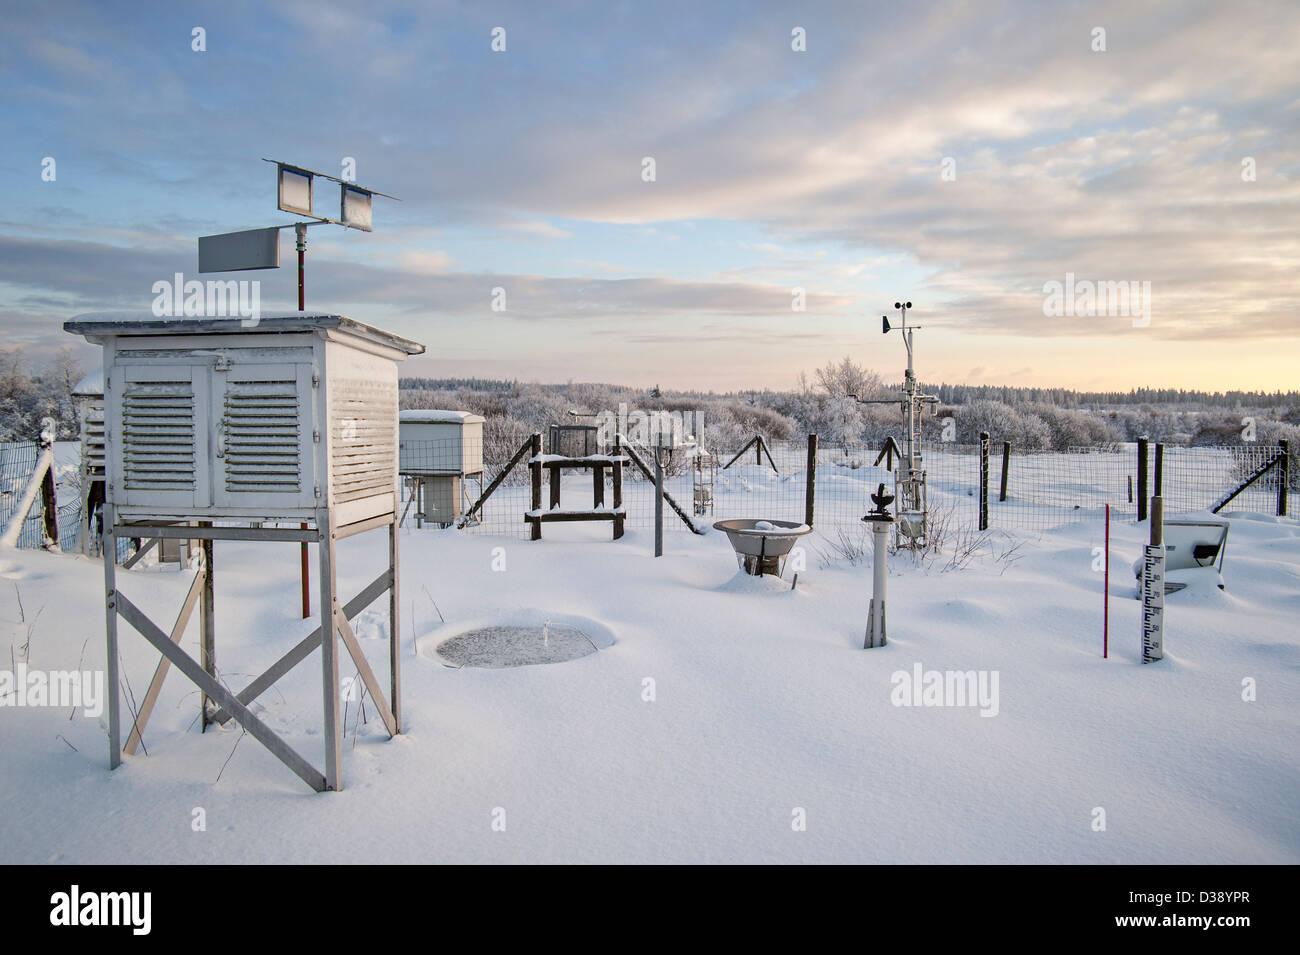 meteorological measuring instrument stockfotos. Black Bedroom Furniture Sets. Home Design Ideas